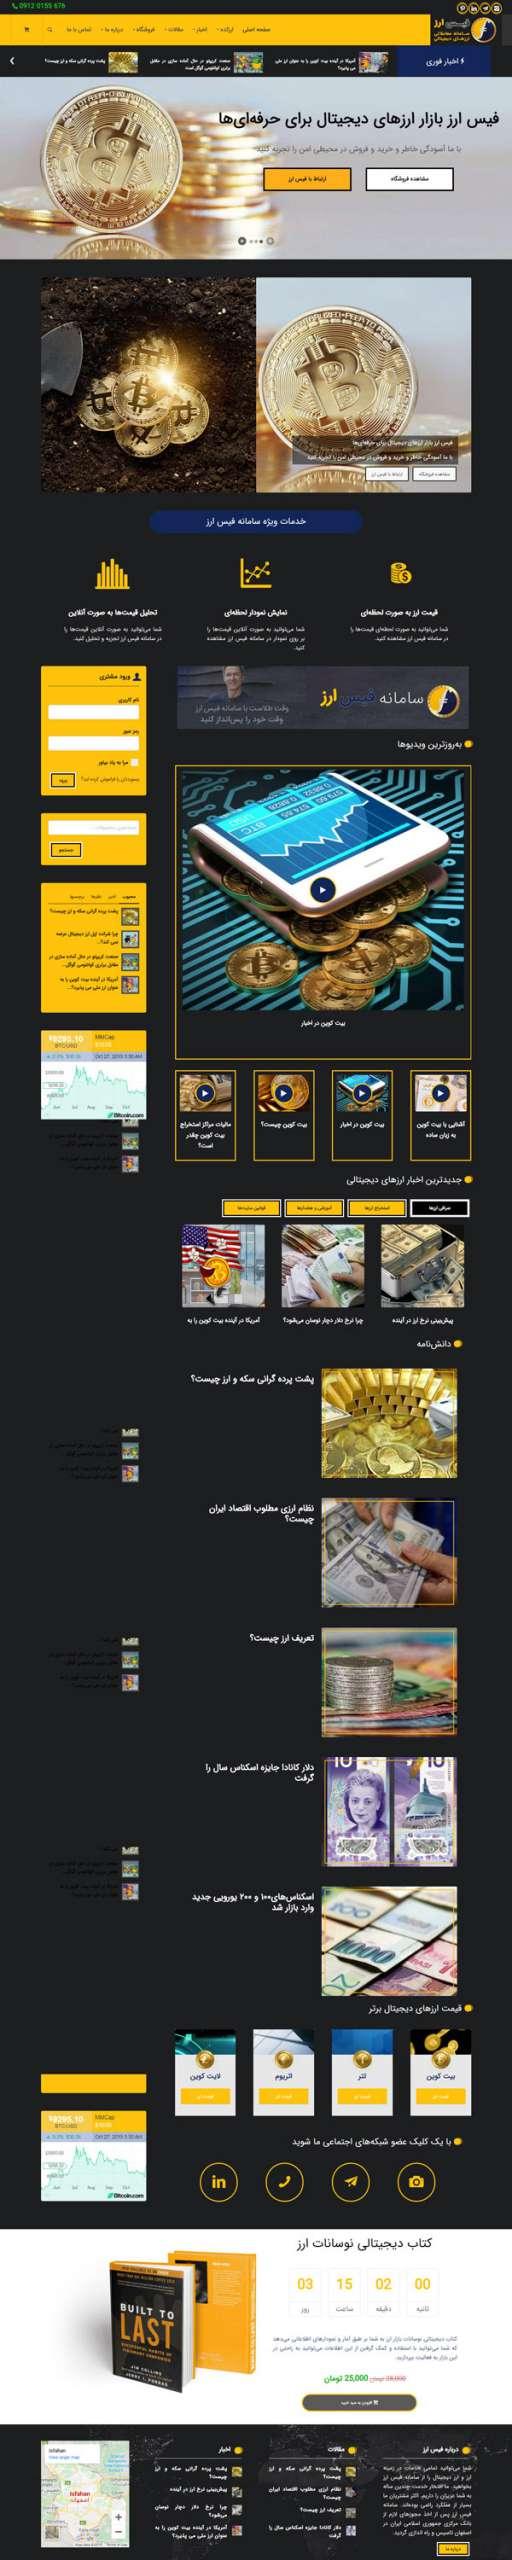 طراحی سایت فیس ارز | خدمات و مشاوره ارزهای دیجیتال